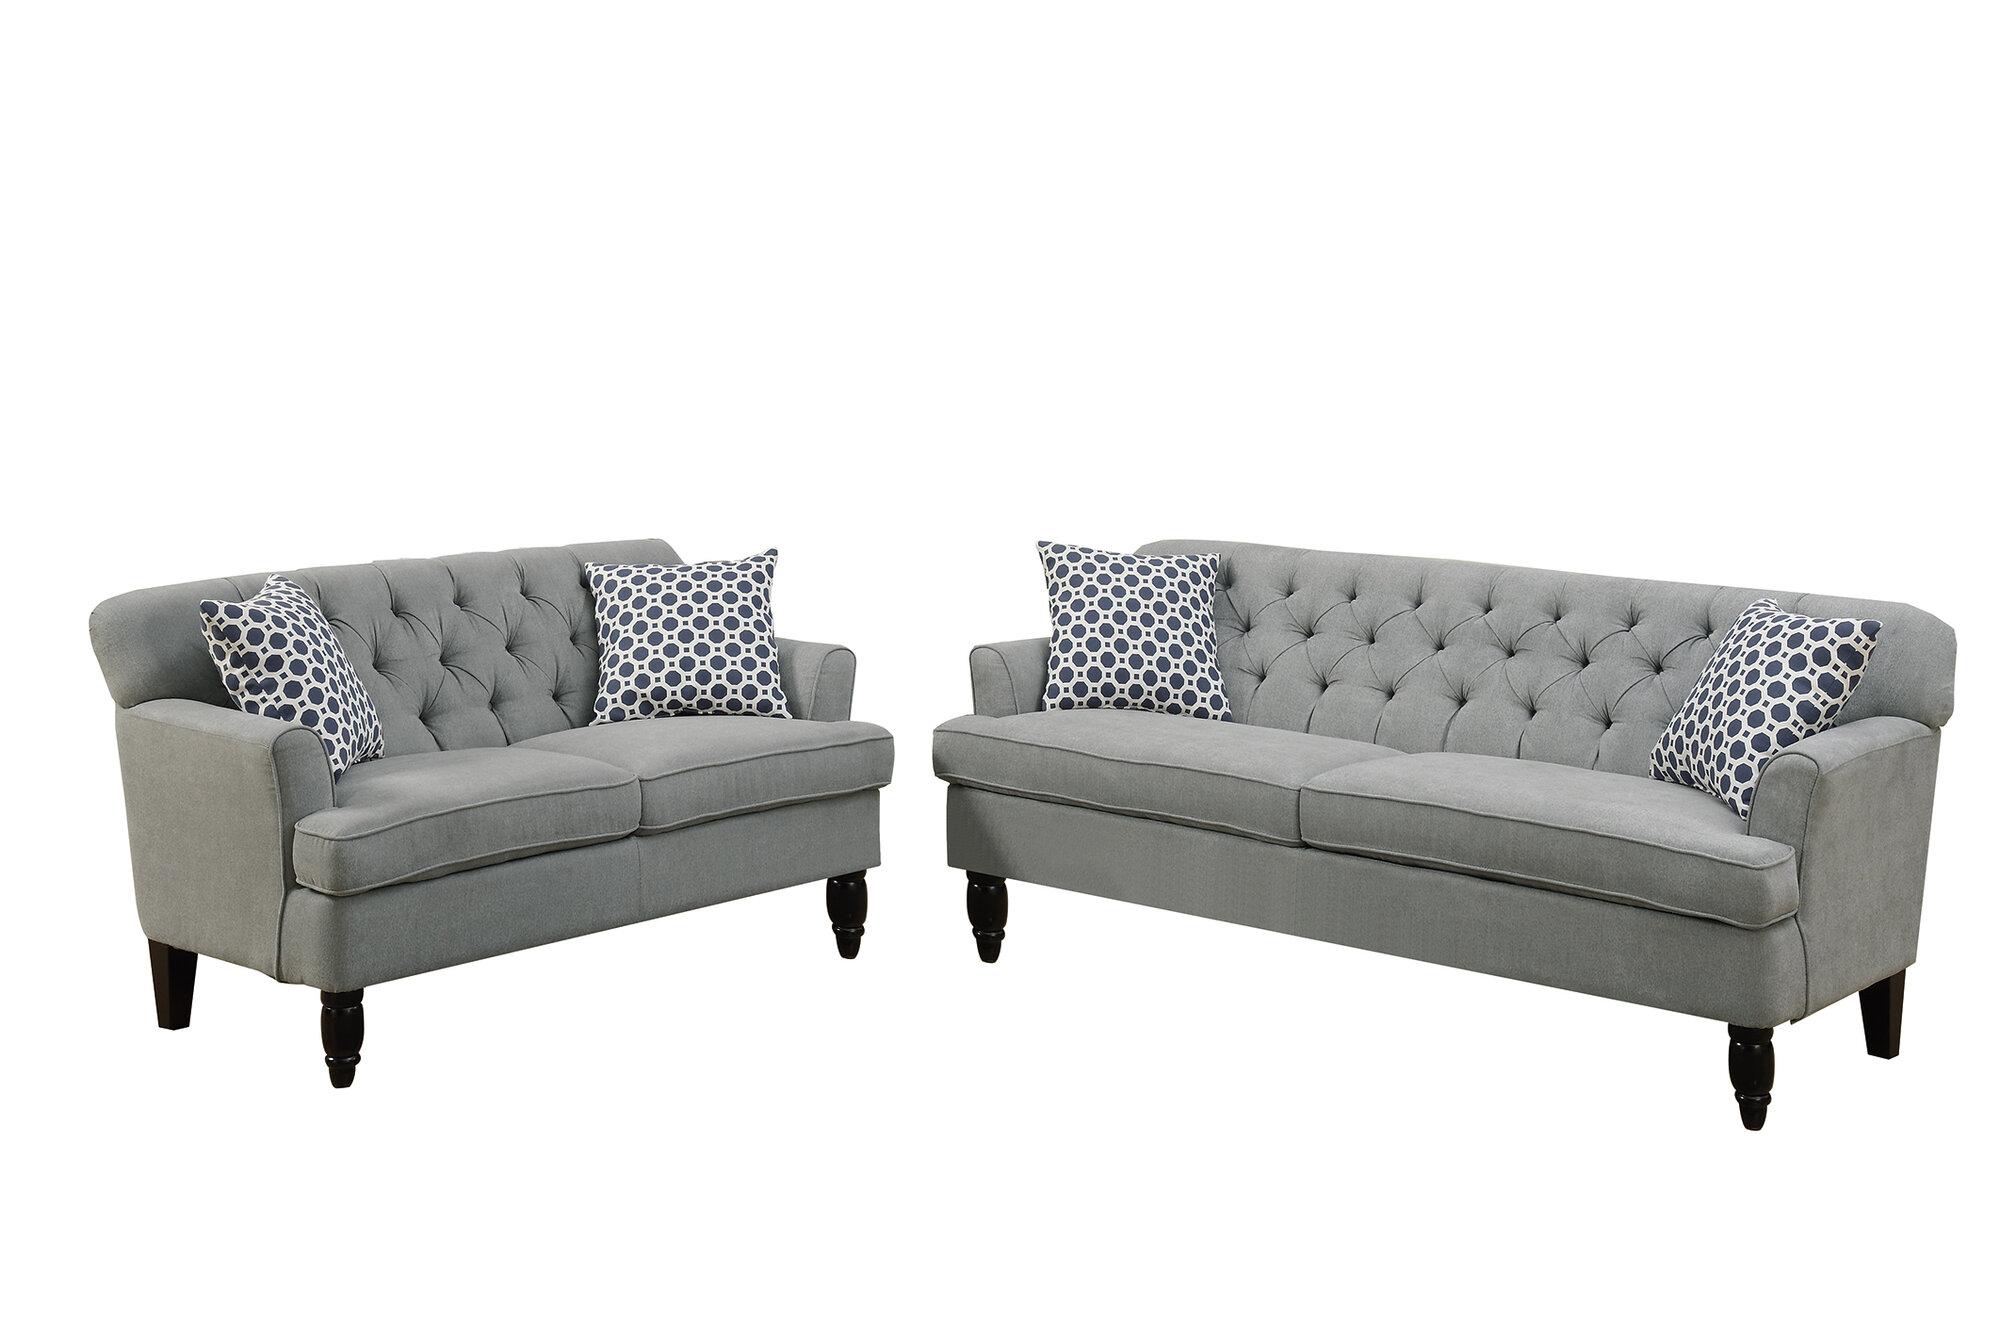 Poundex Bobkona Fostord Sofa Set Ebay